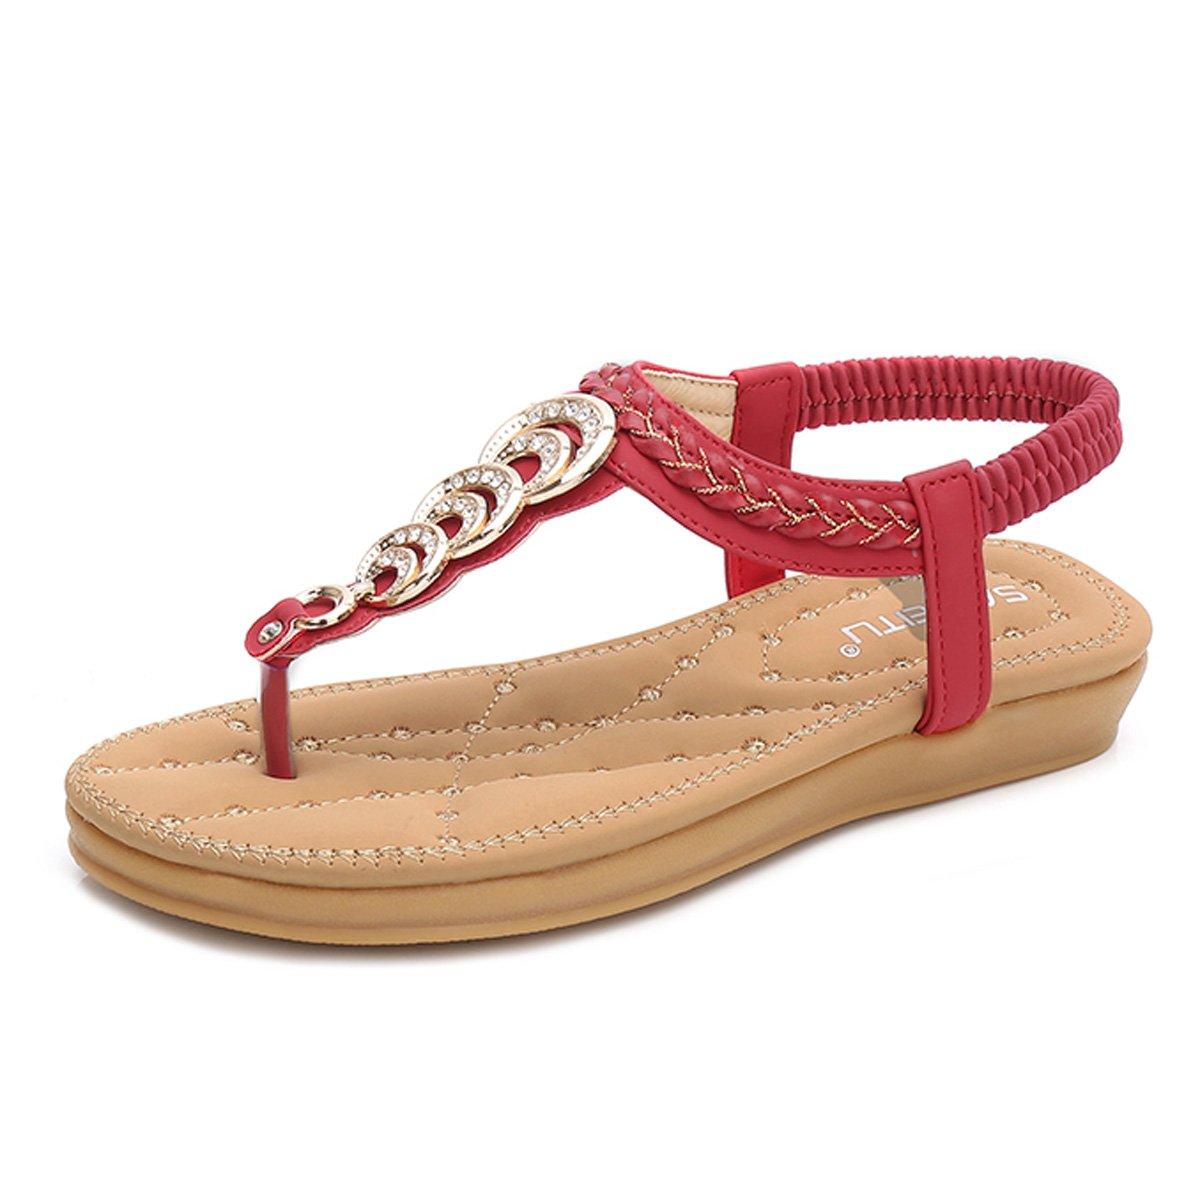 gracosy Damen Sandalen, Flip Flops Sommer Sandals Flach Zehentrenner T-Strap Offen Bouml;hmische Strand Schuhe  41 EU|Rot